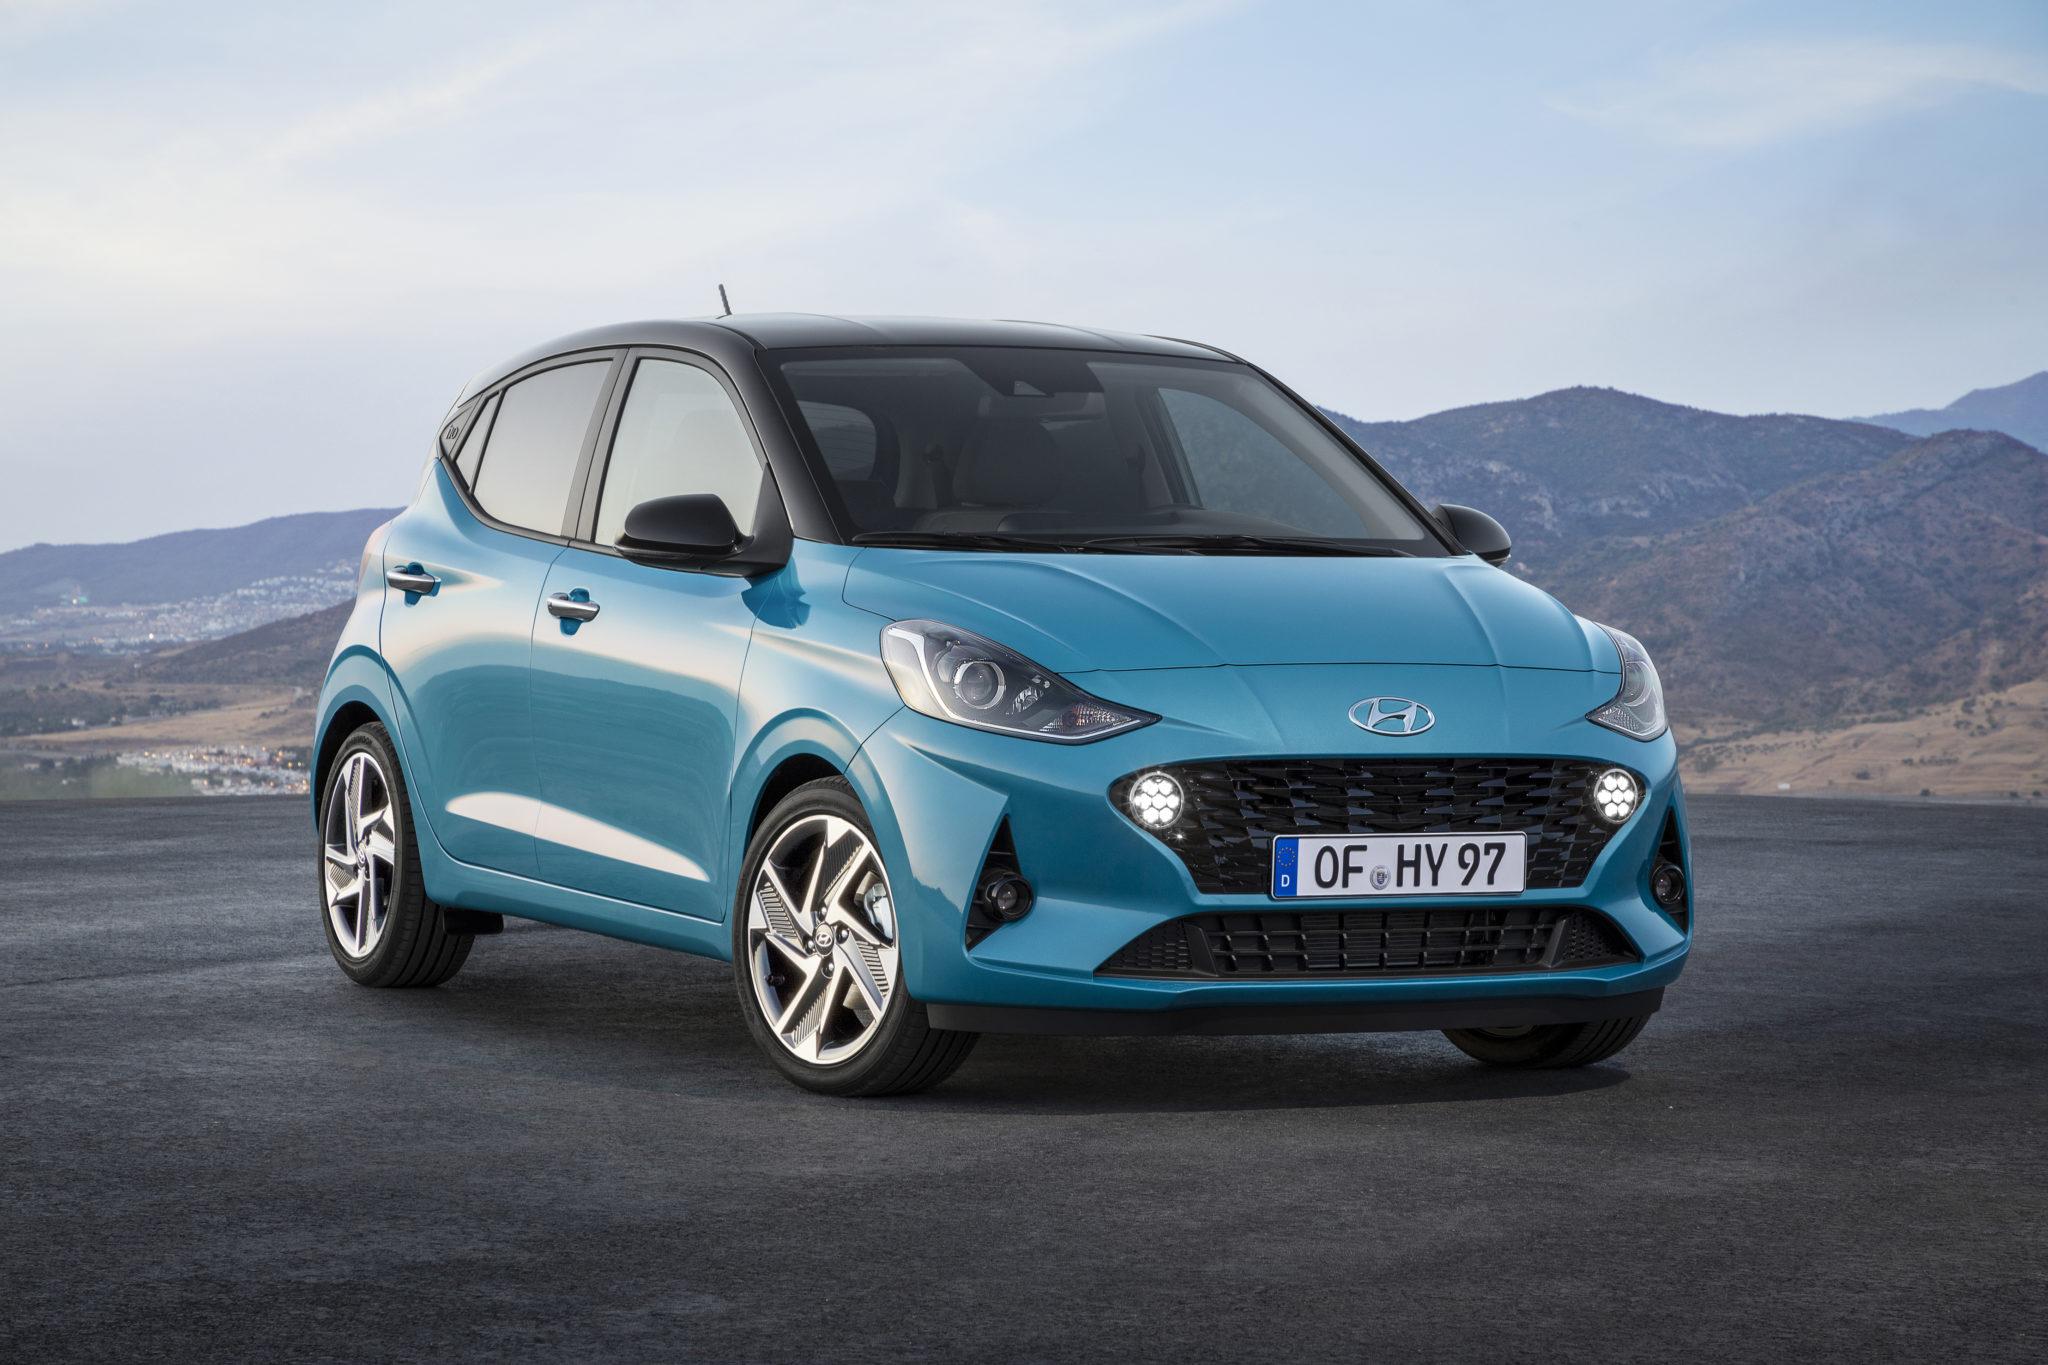 Nuova Hyundai i10 tua a 10.200€ con INCENTIVI ROTTAMAZIONE